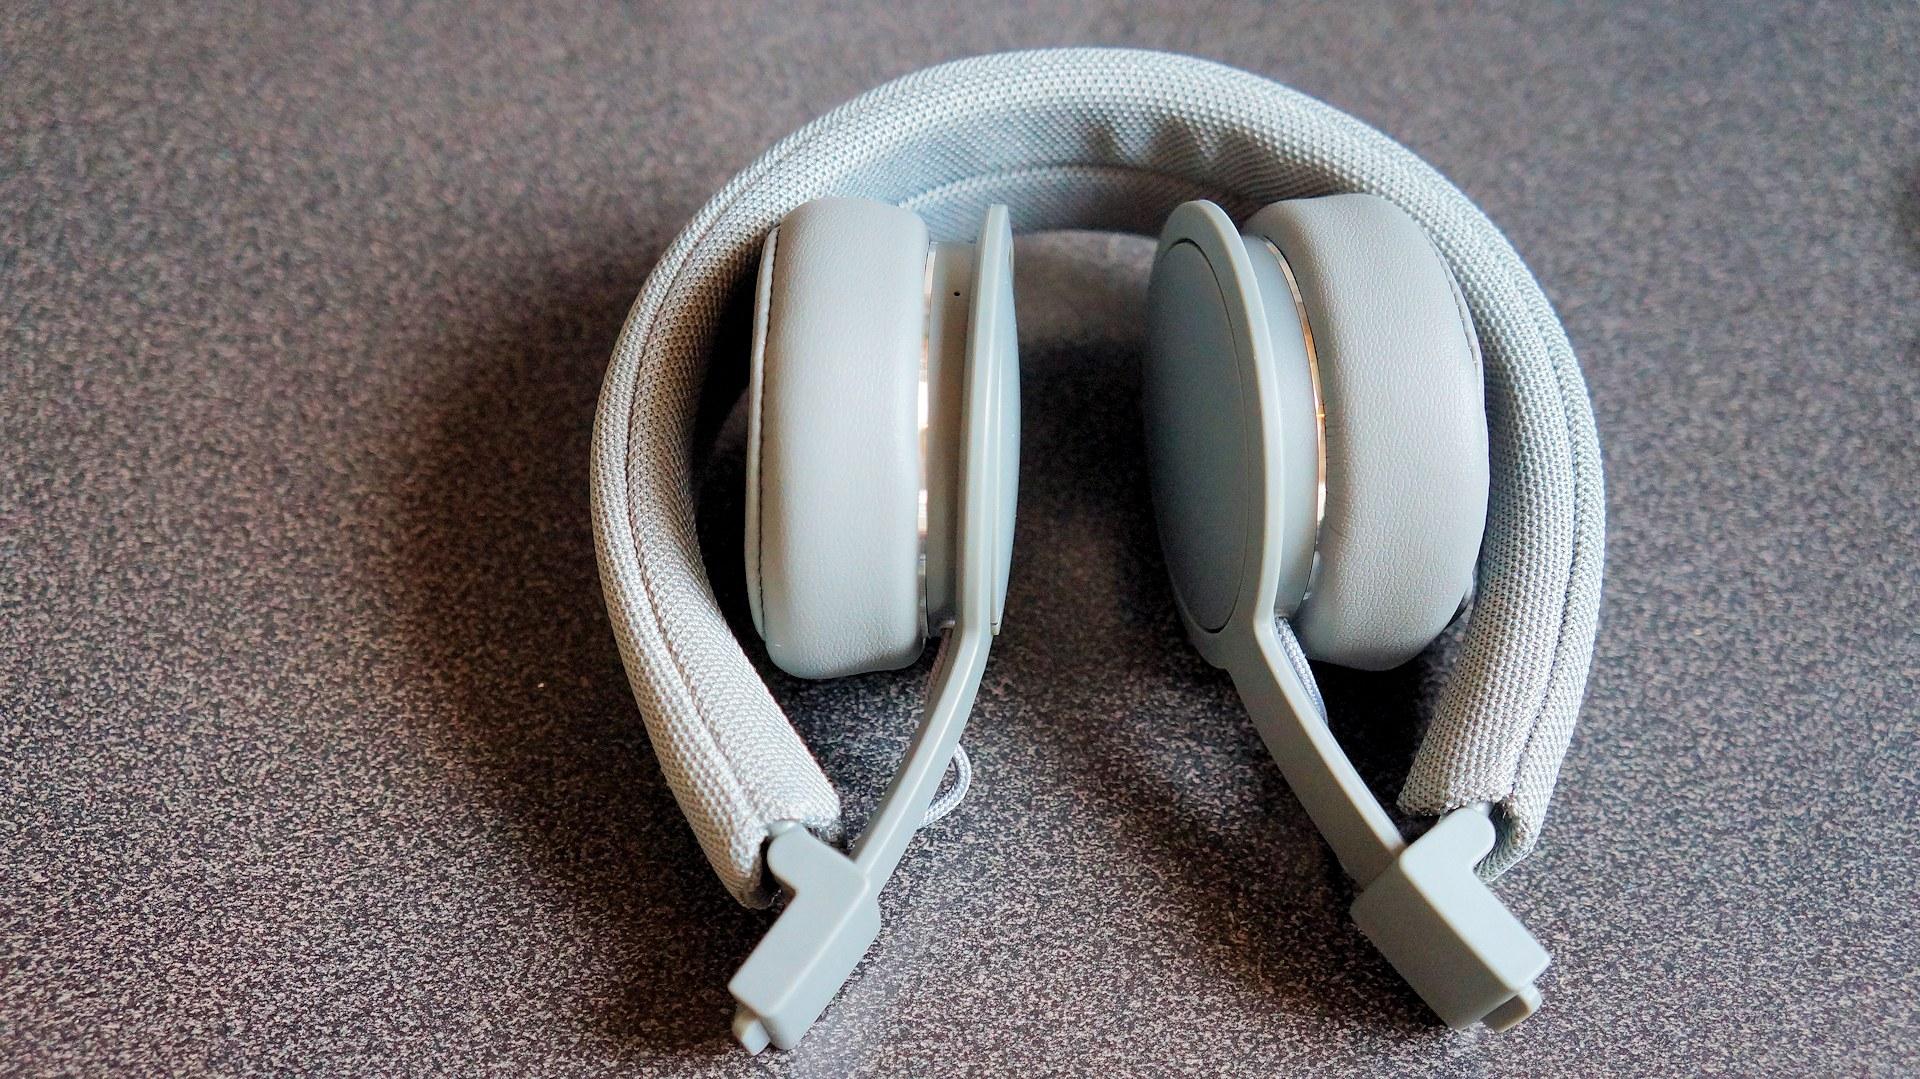 Test av trådlösa Bluetooth-hörlurarna Urbanears Plattan ...